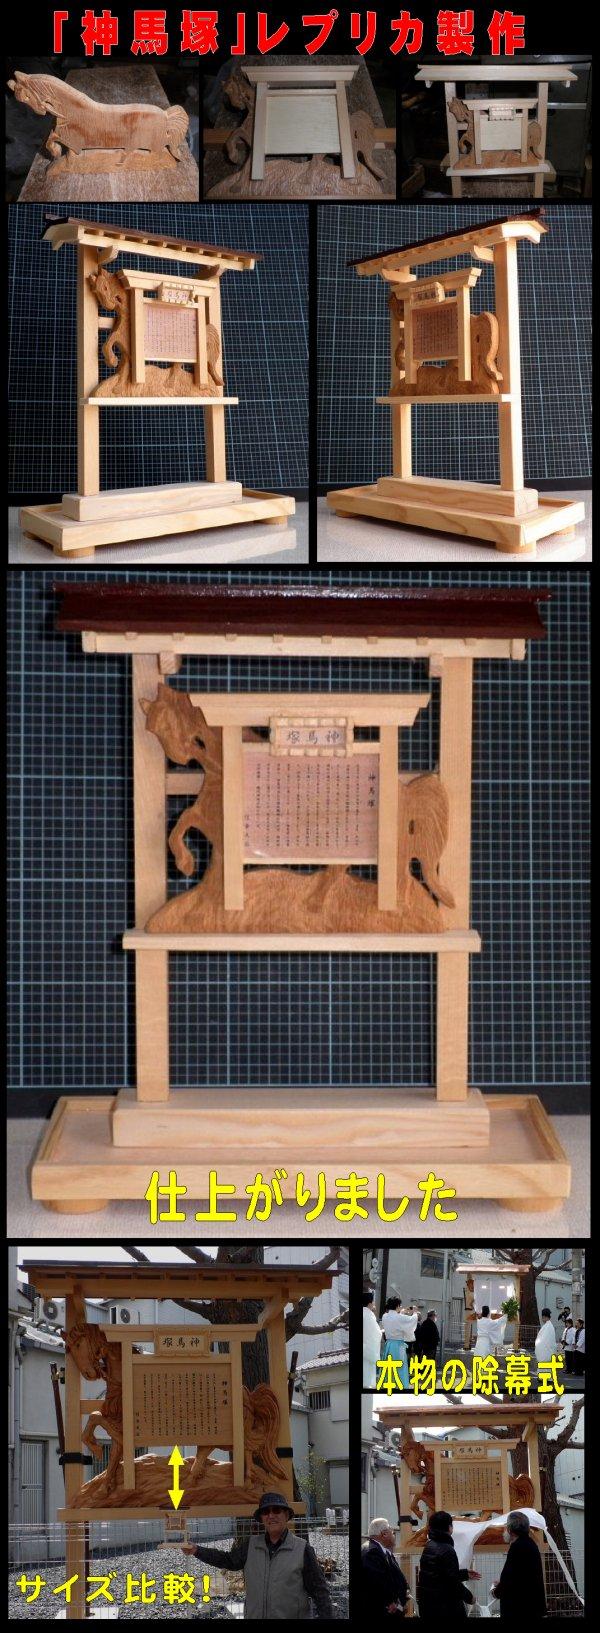 神馬塚模型